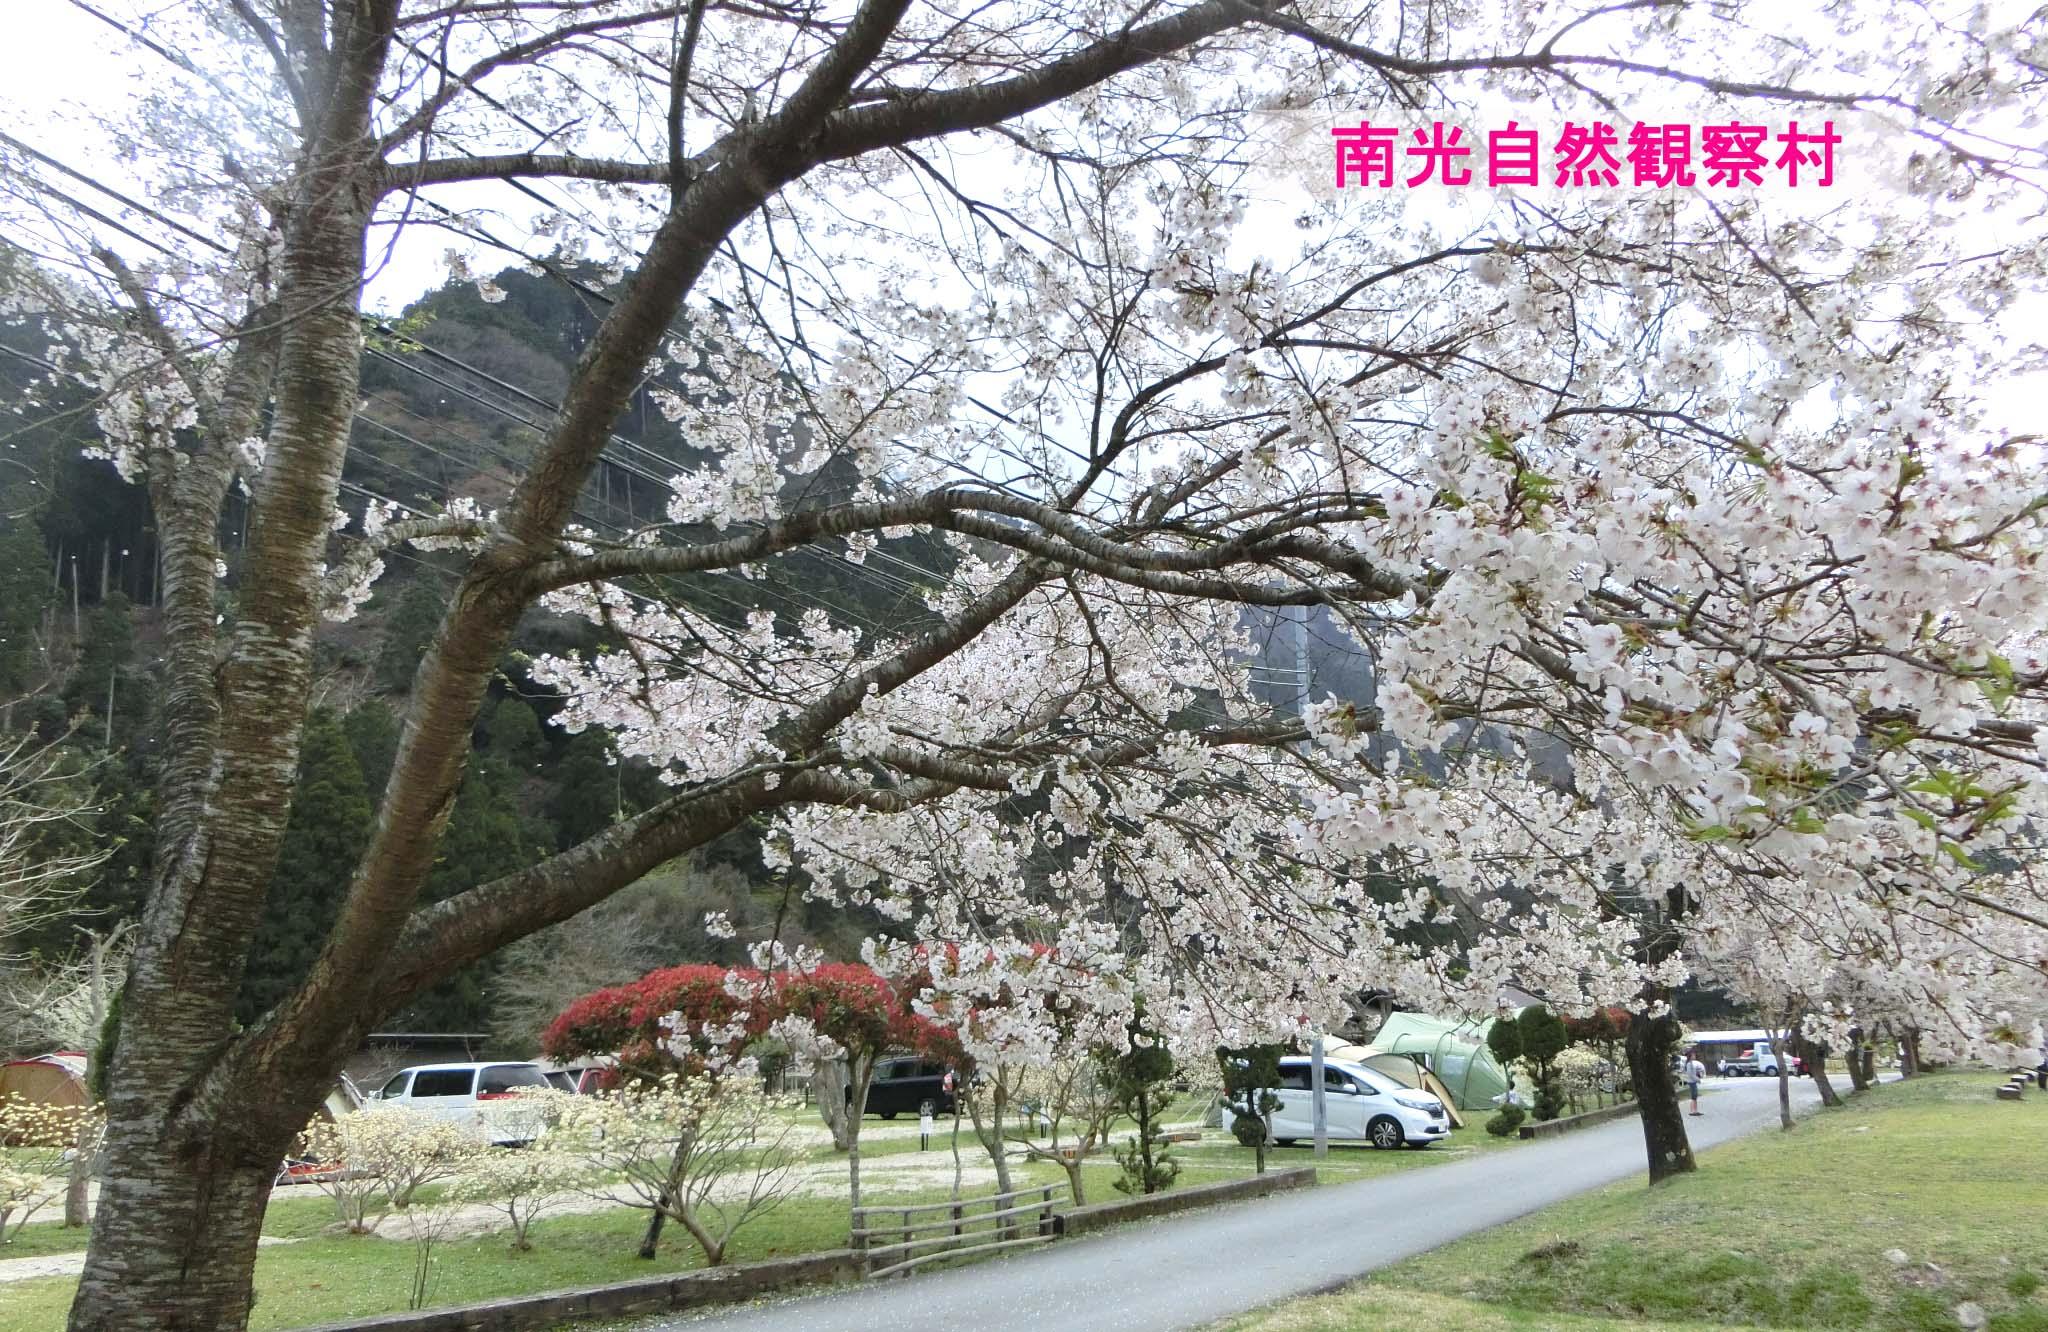 南光自然観察村キャンプ-桜の季節に絶対行きたいキャンプ場②